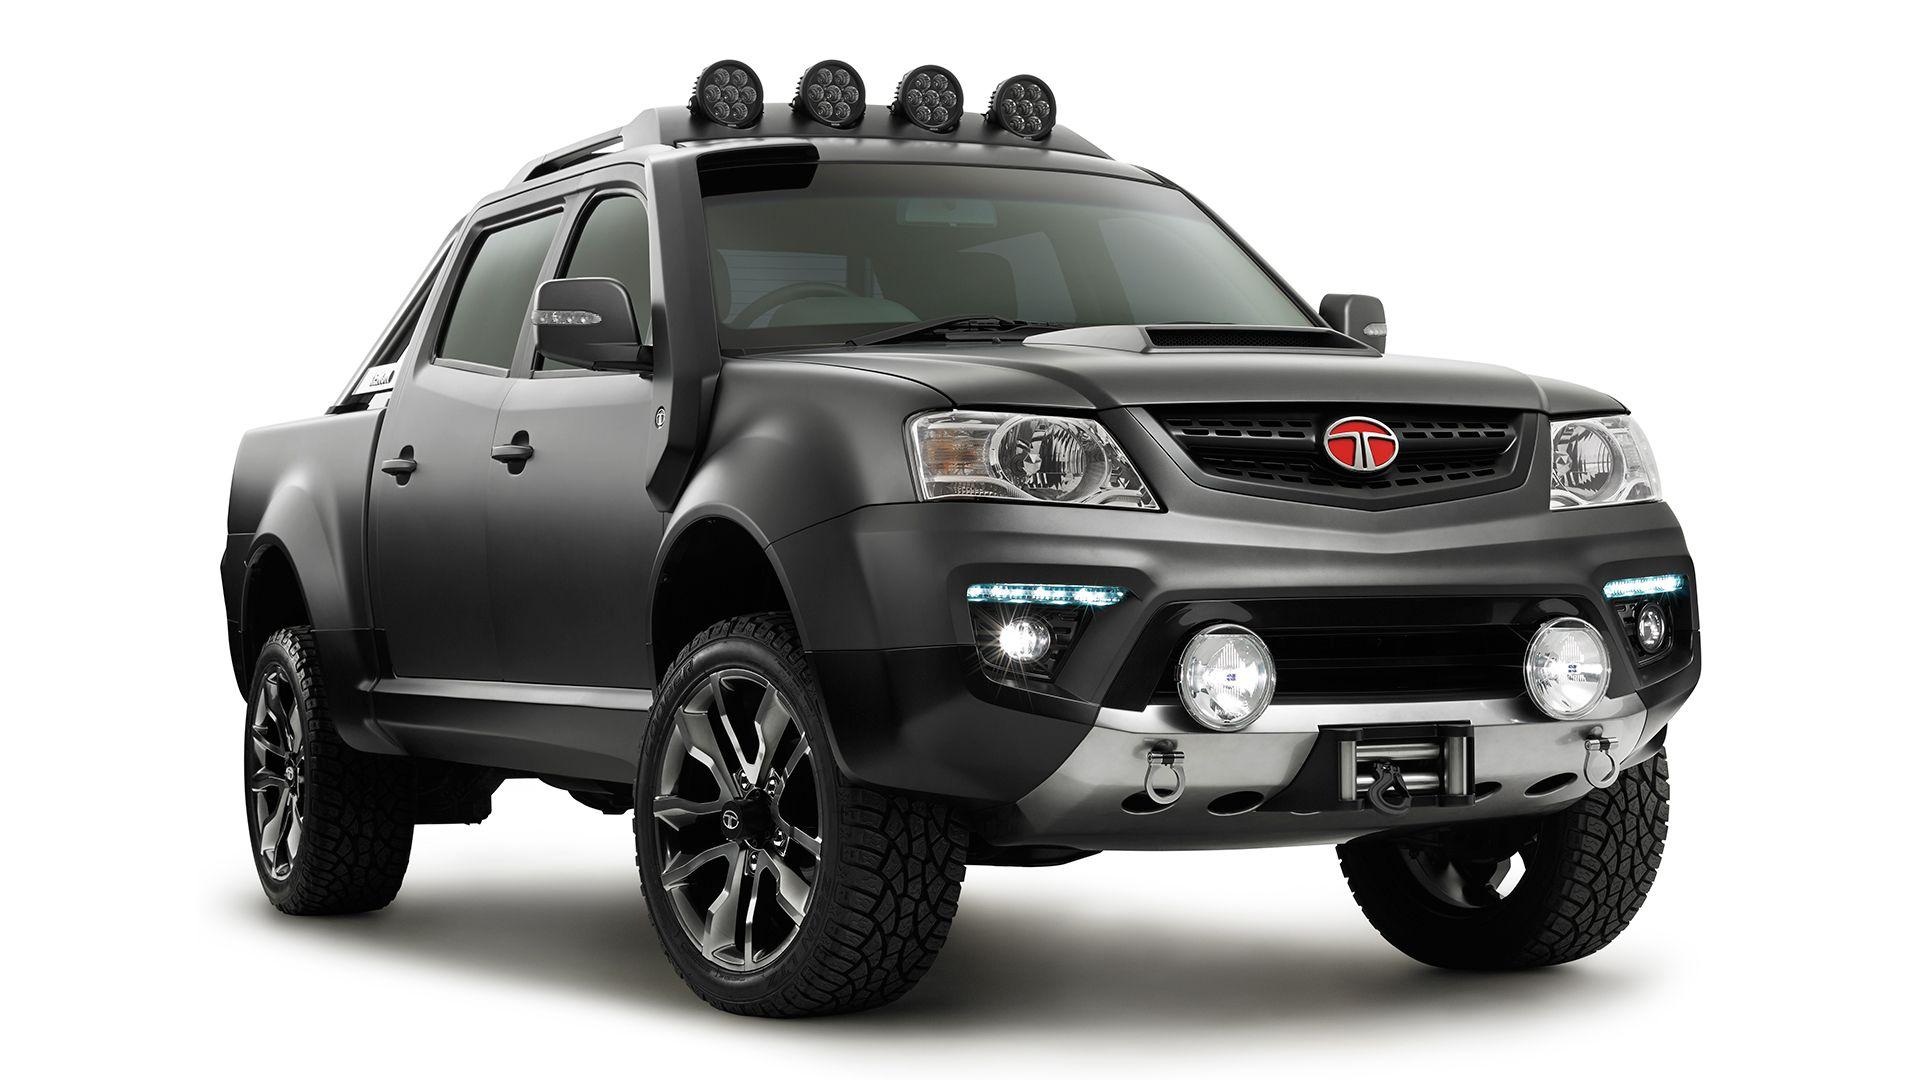 Tata xenon XT tough truck concept Tata motors, Tata cars